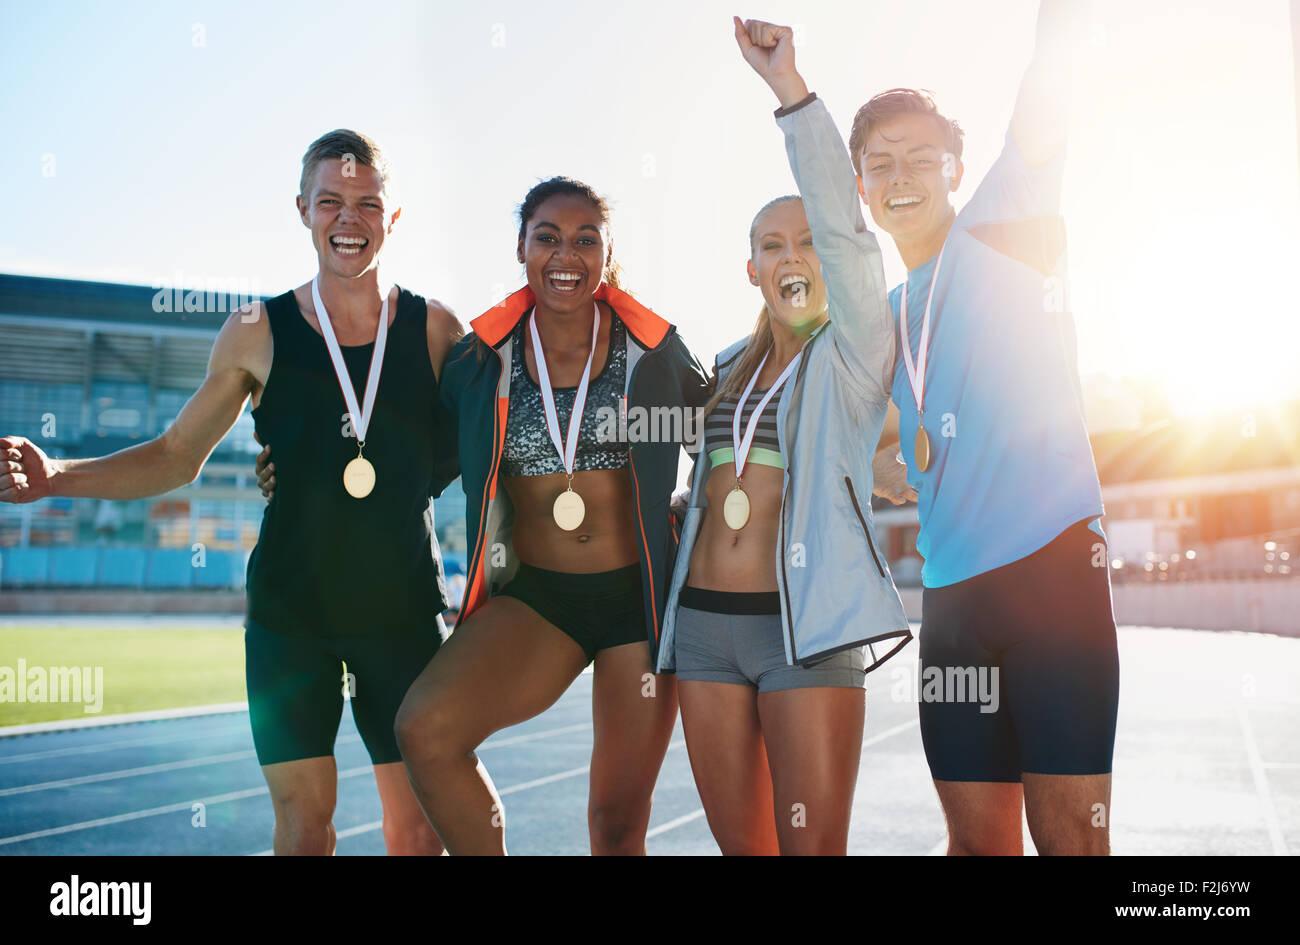 Ritratto di estasiato giovani atleti con le medaglie. Gruppo di corridori in piedi insieme sorridente con le loro Immagini Stock